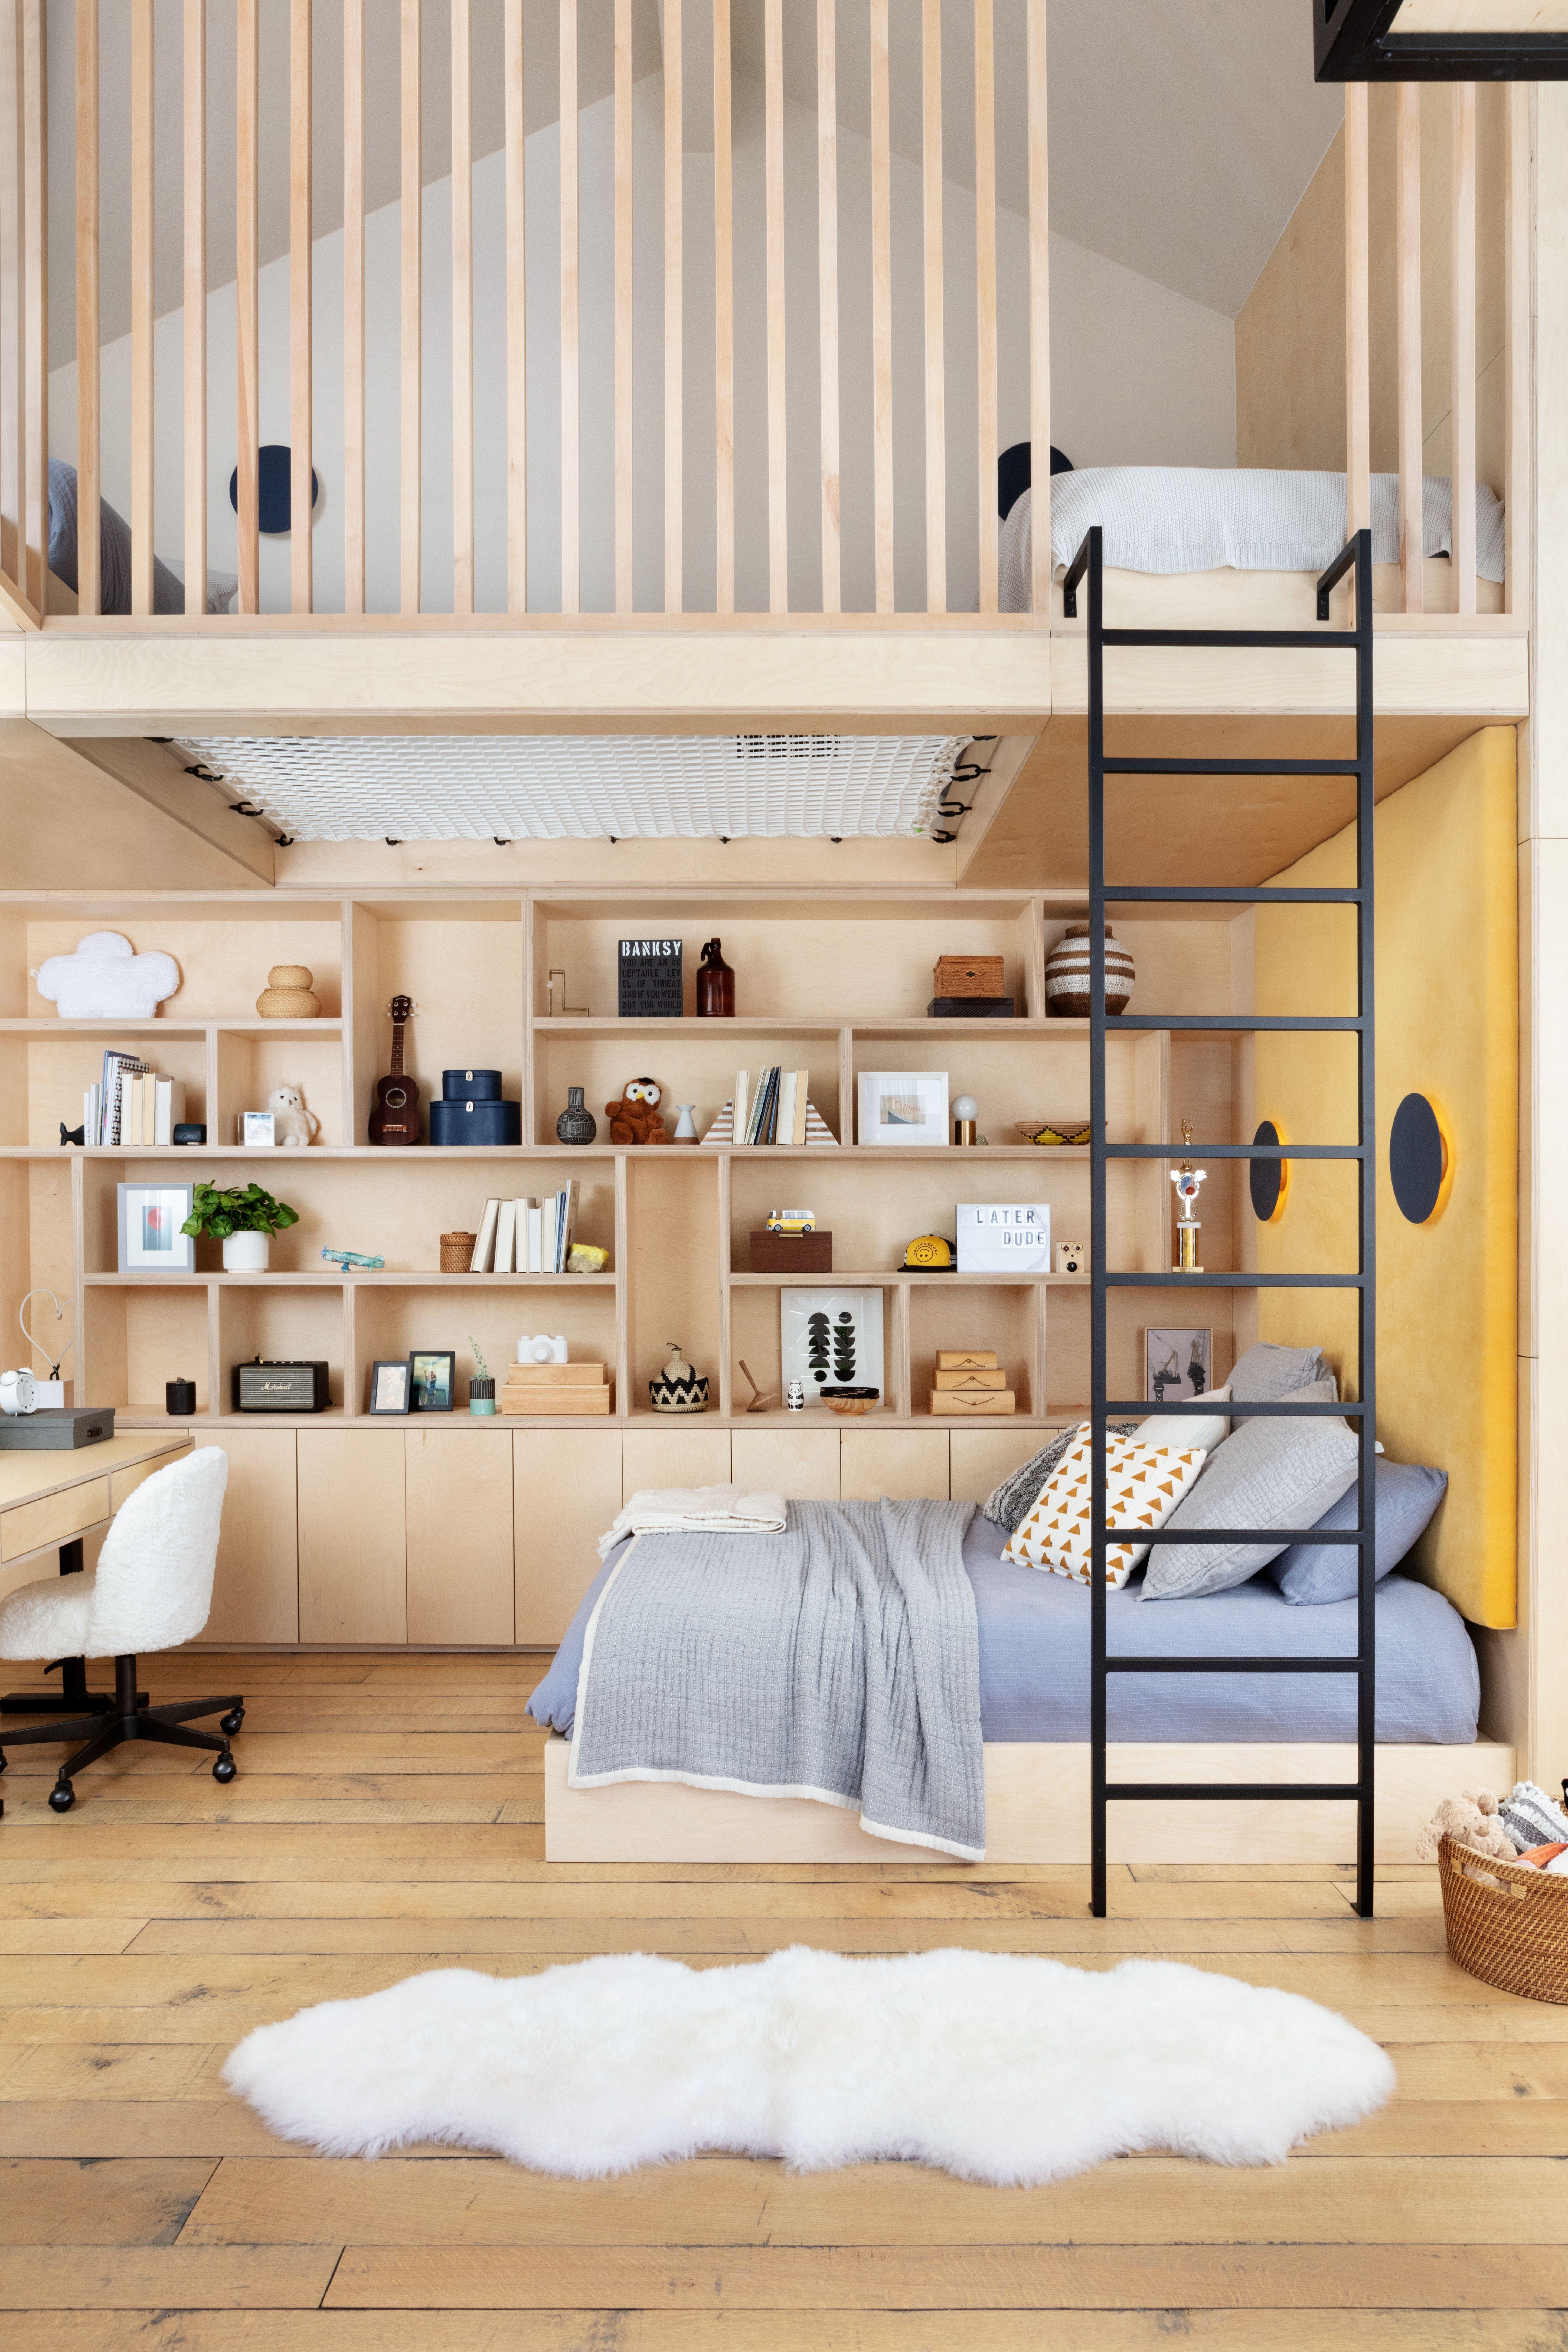 12+ entzückende Schlafzimmerkinder entwerfen Ideen, die so lustig ...